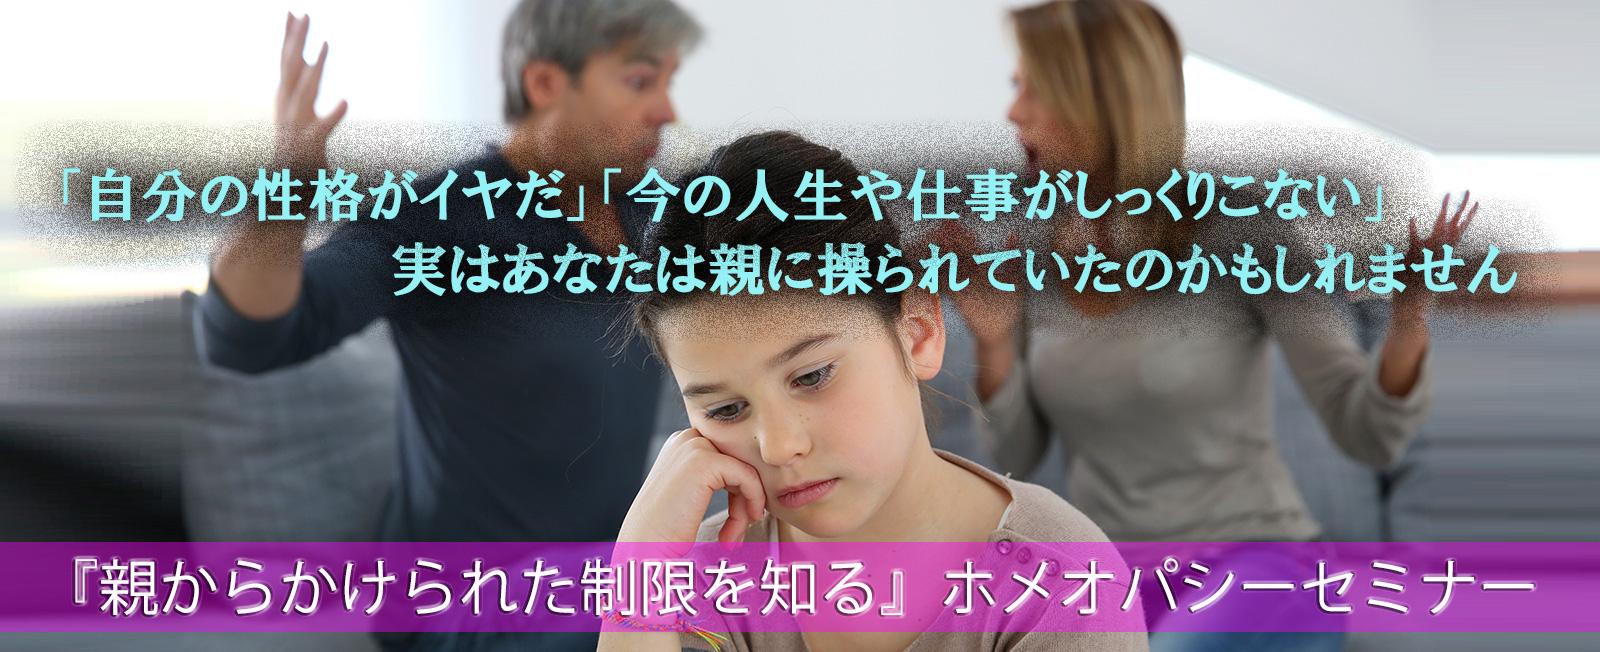 親からかけられた制限を知るセミナー